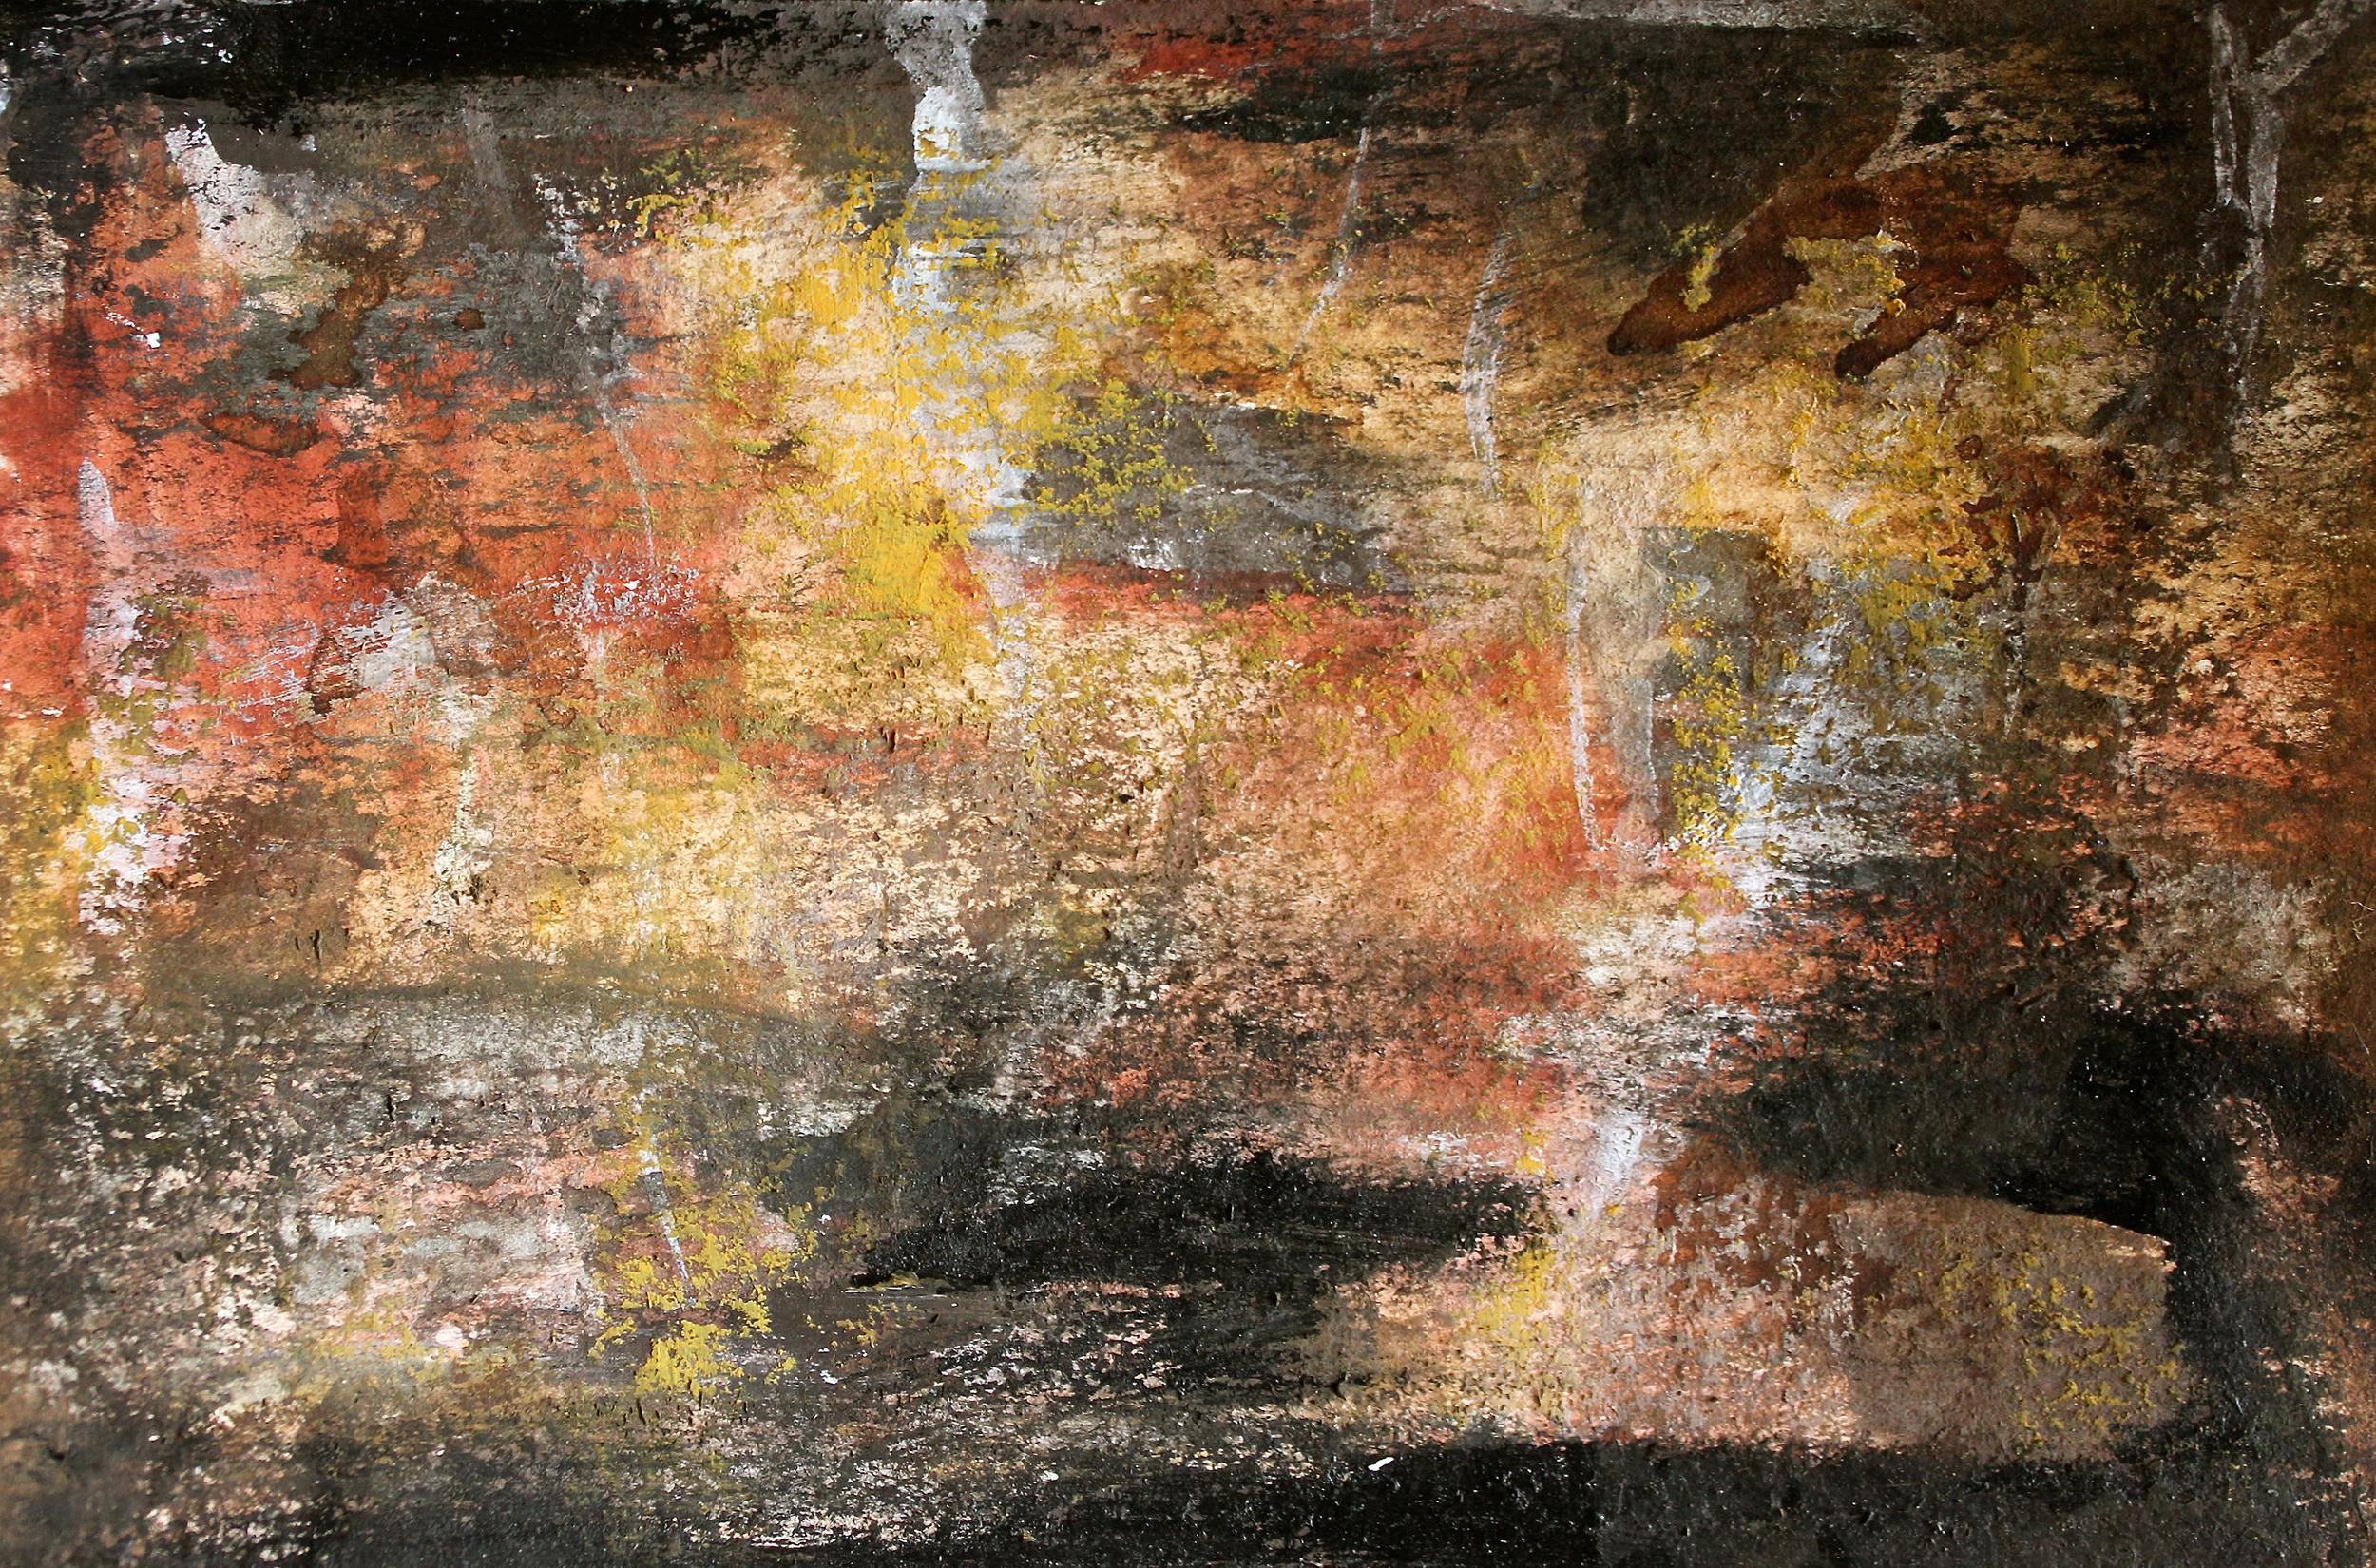 Underground |  G ouache on paper, 2015